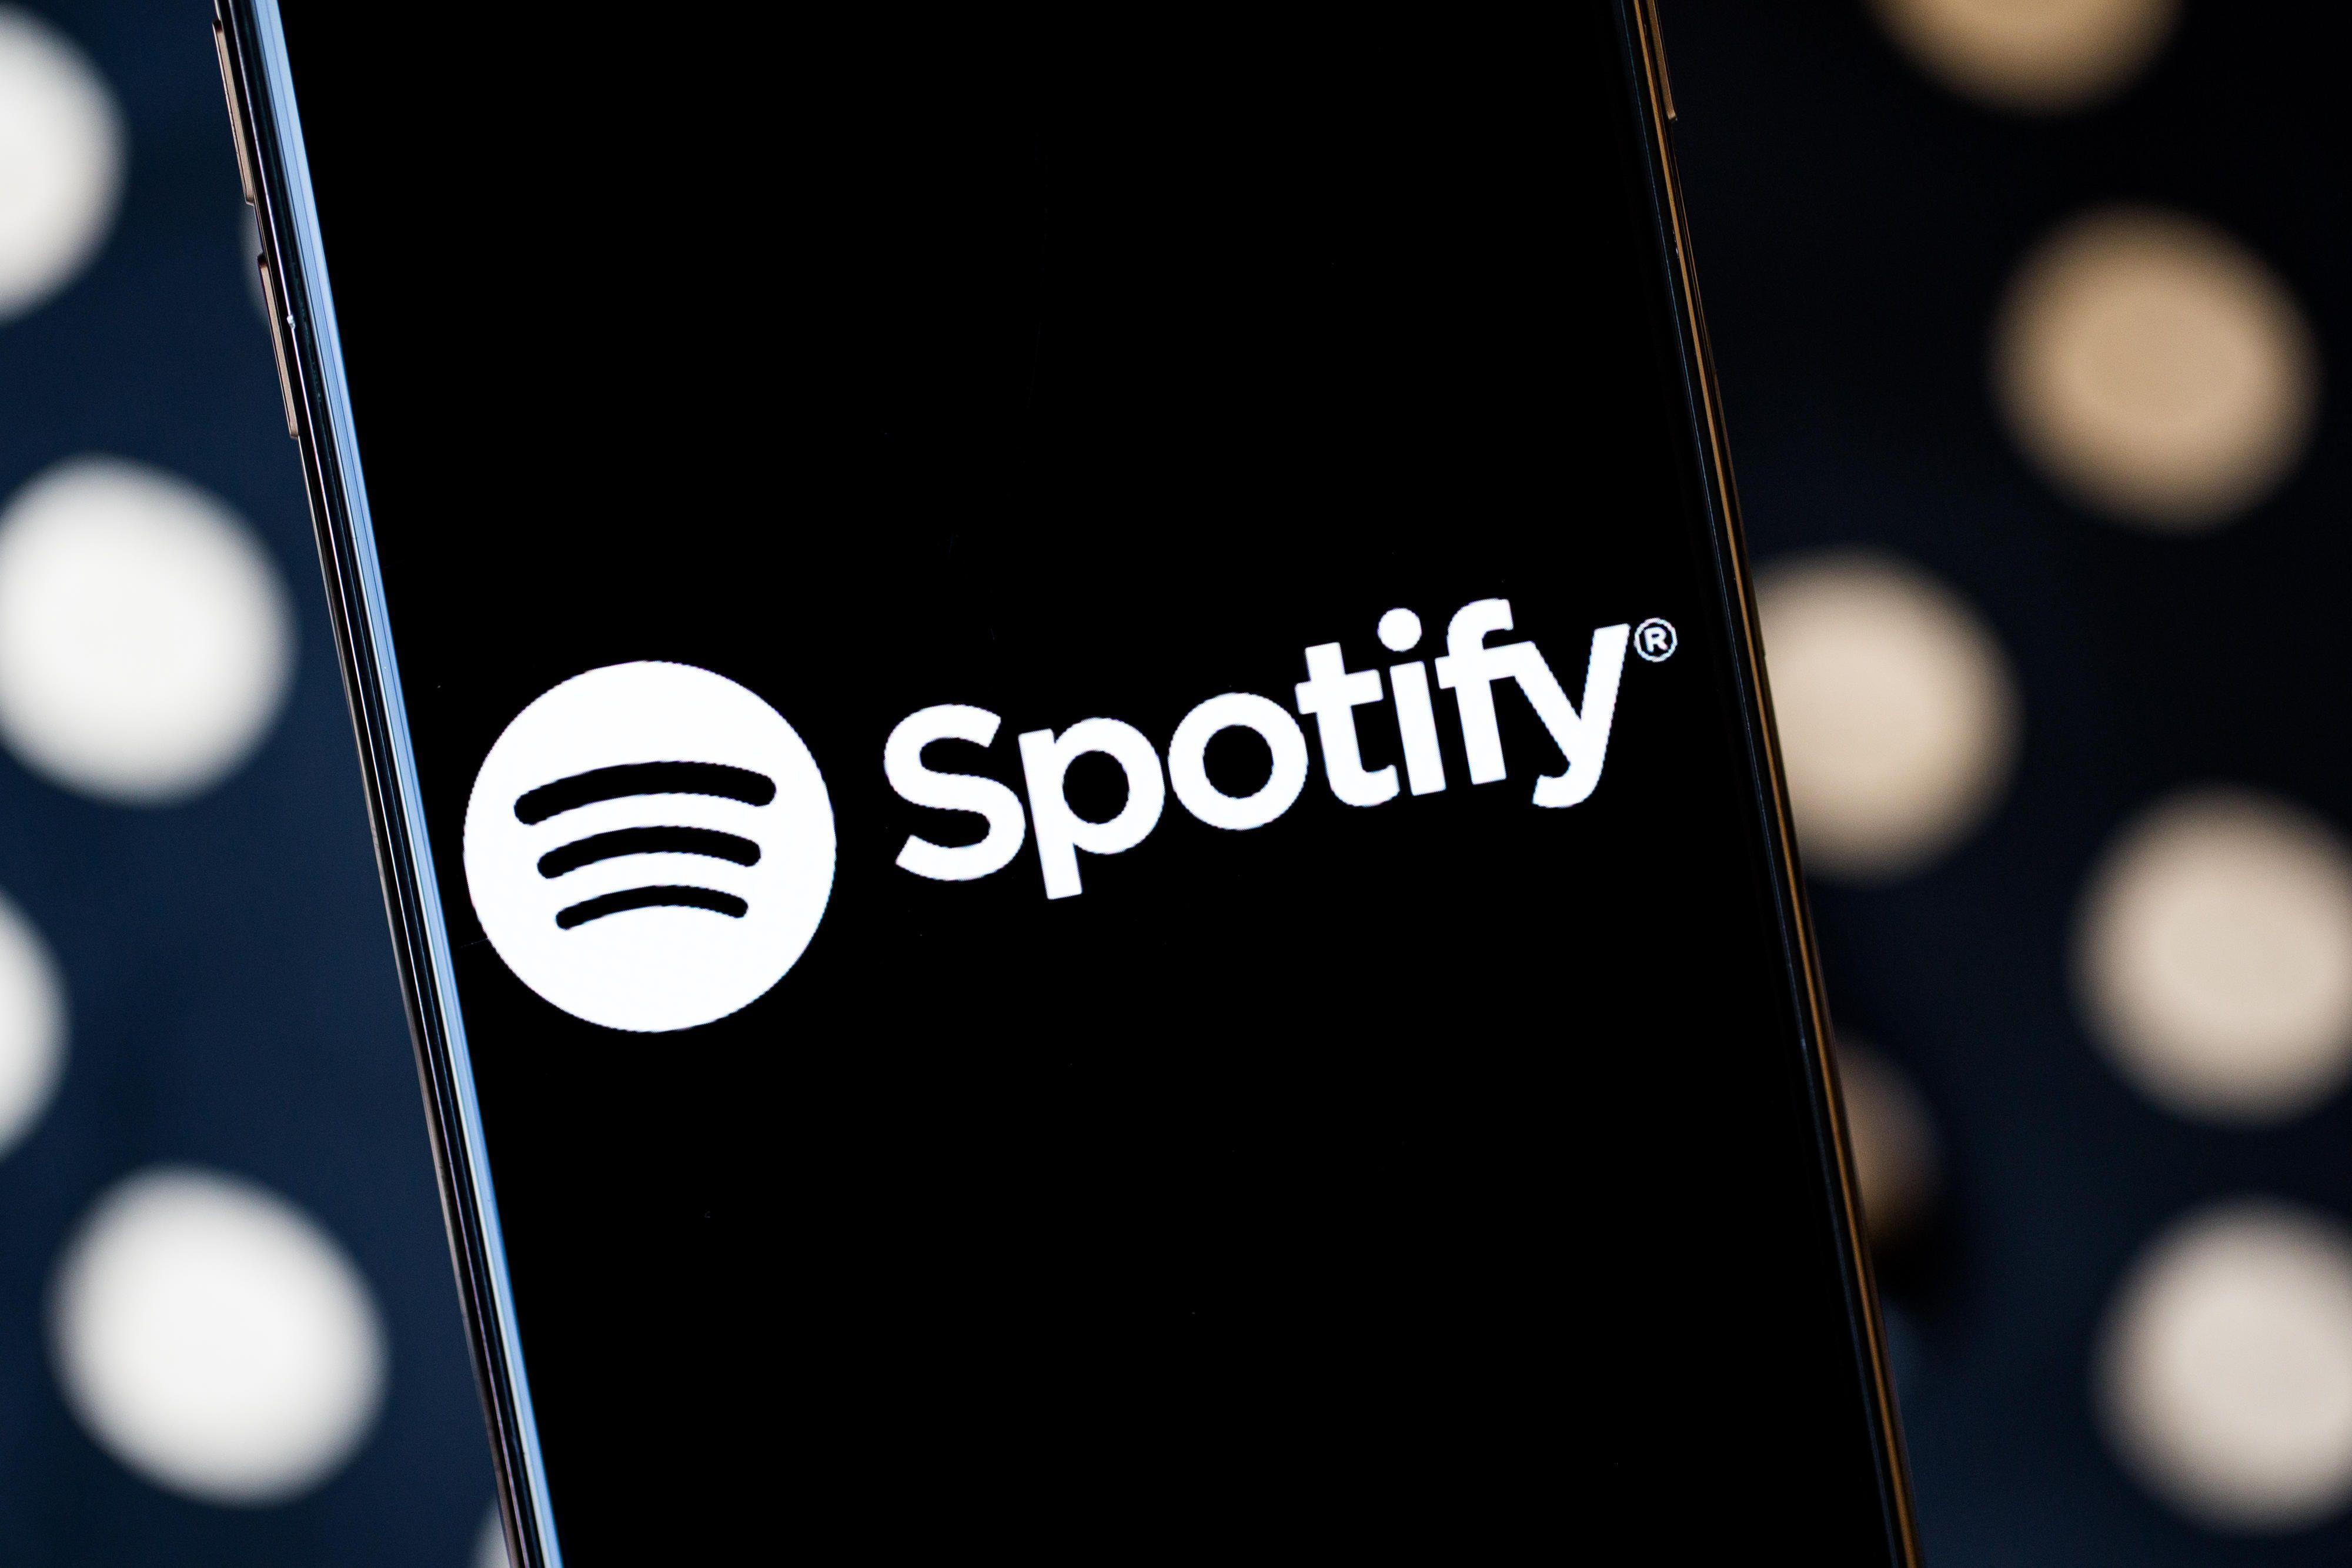 spotify-logo-3